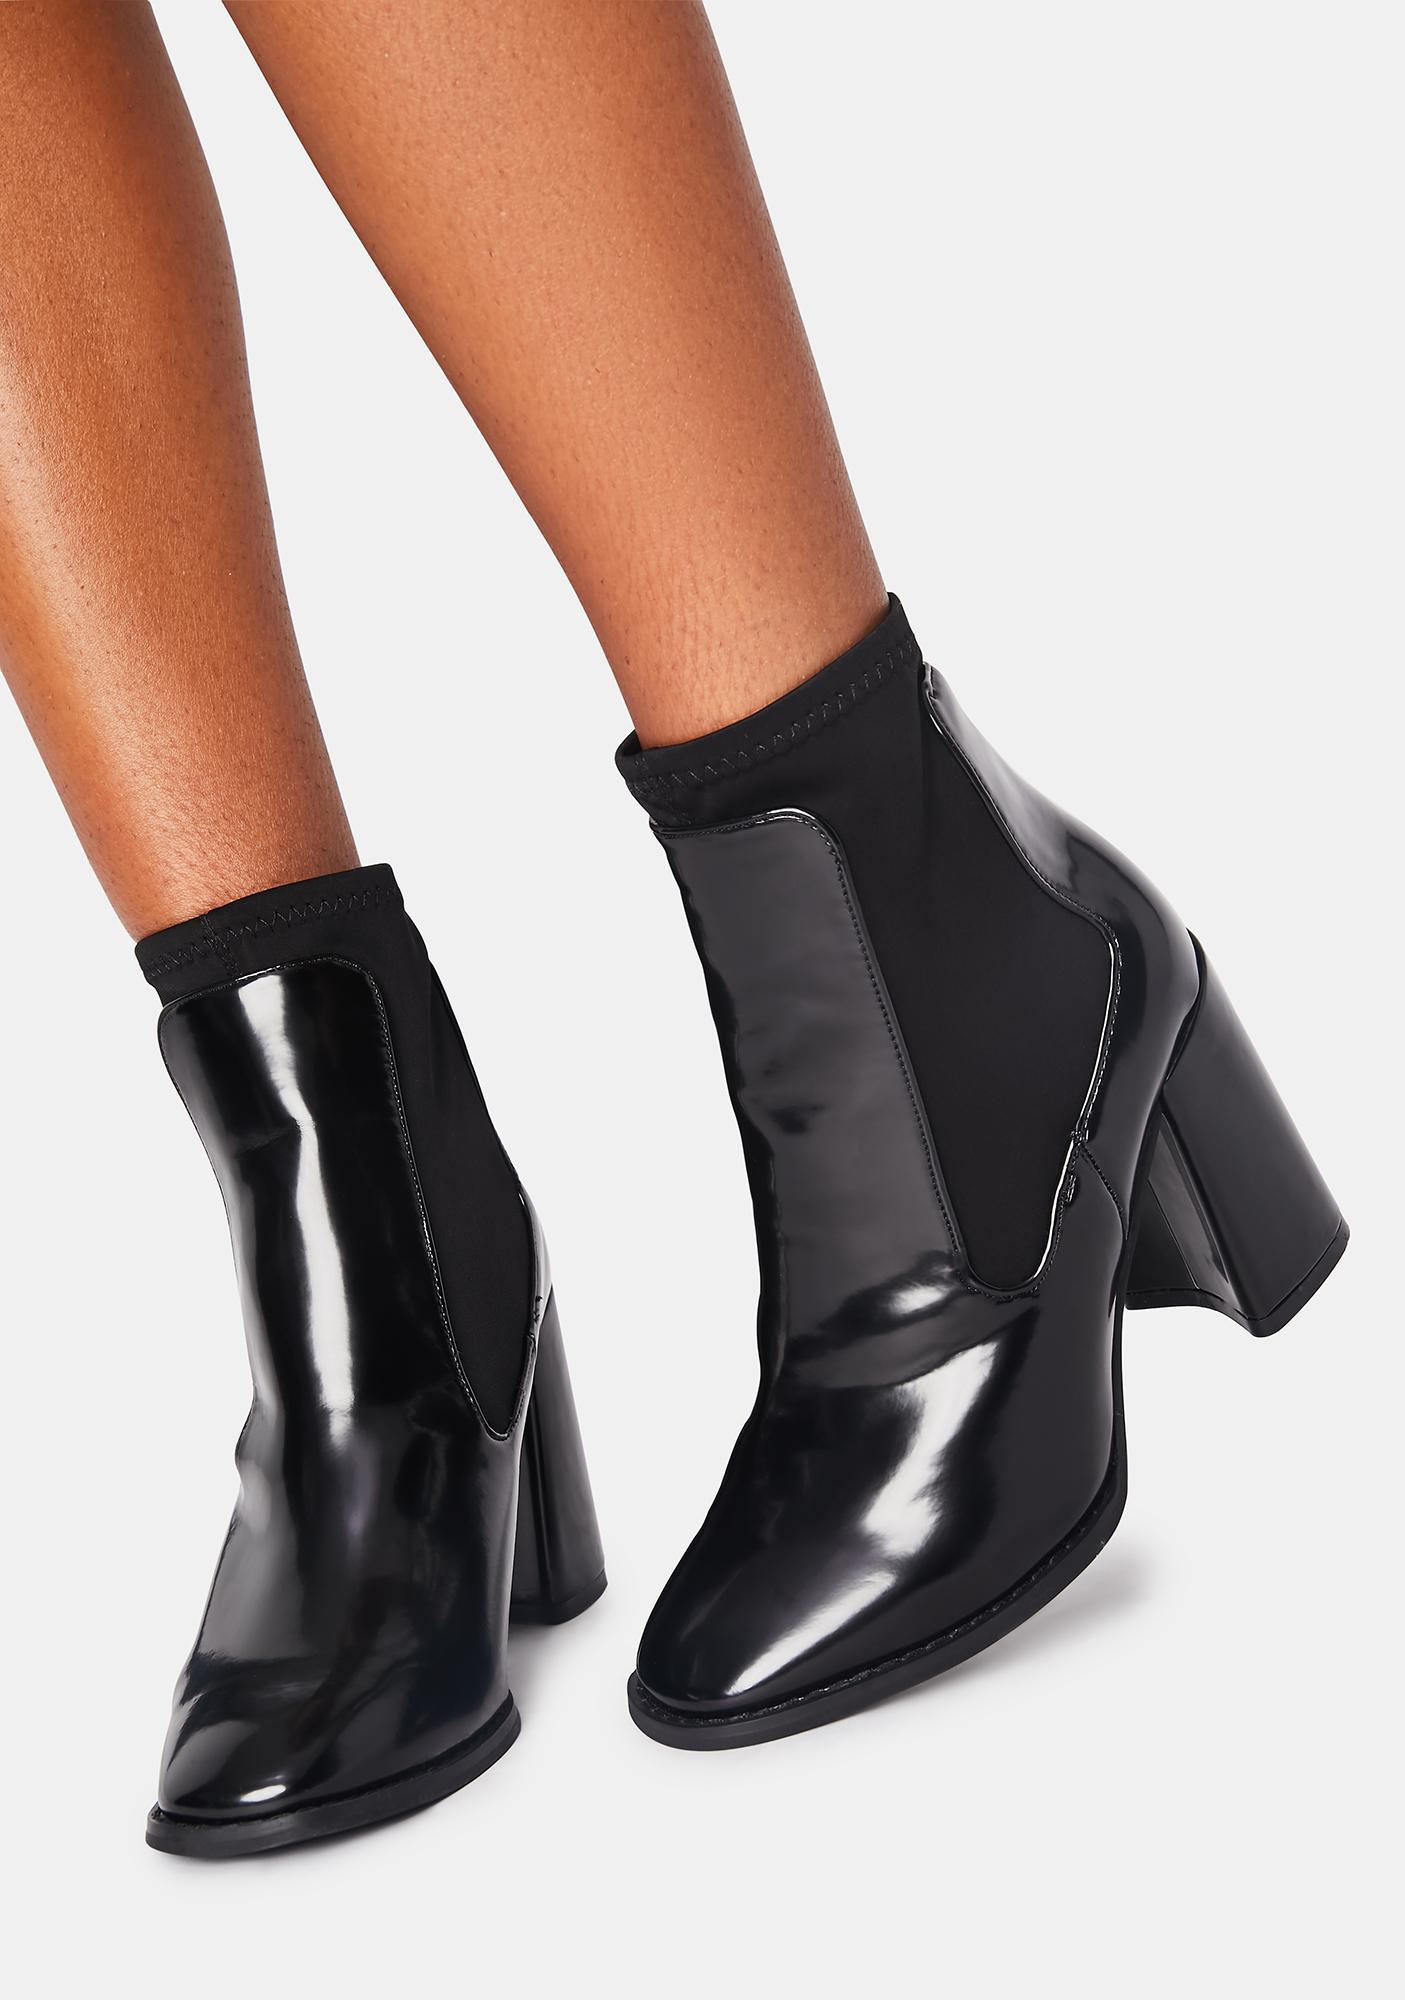 Noir Toe The Line Ankle Boots